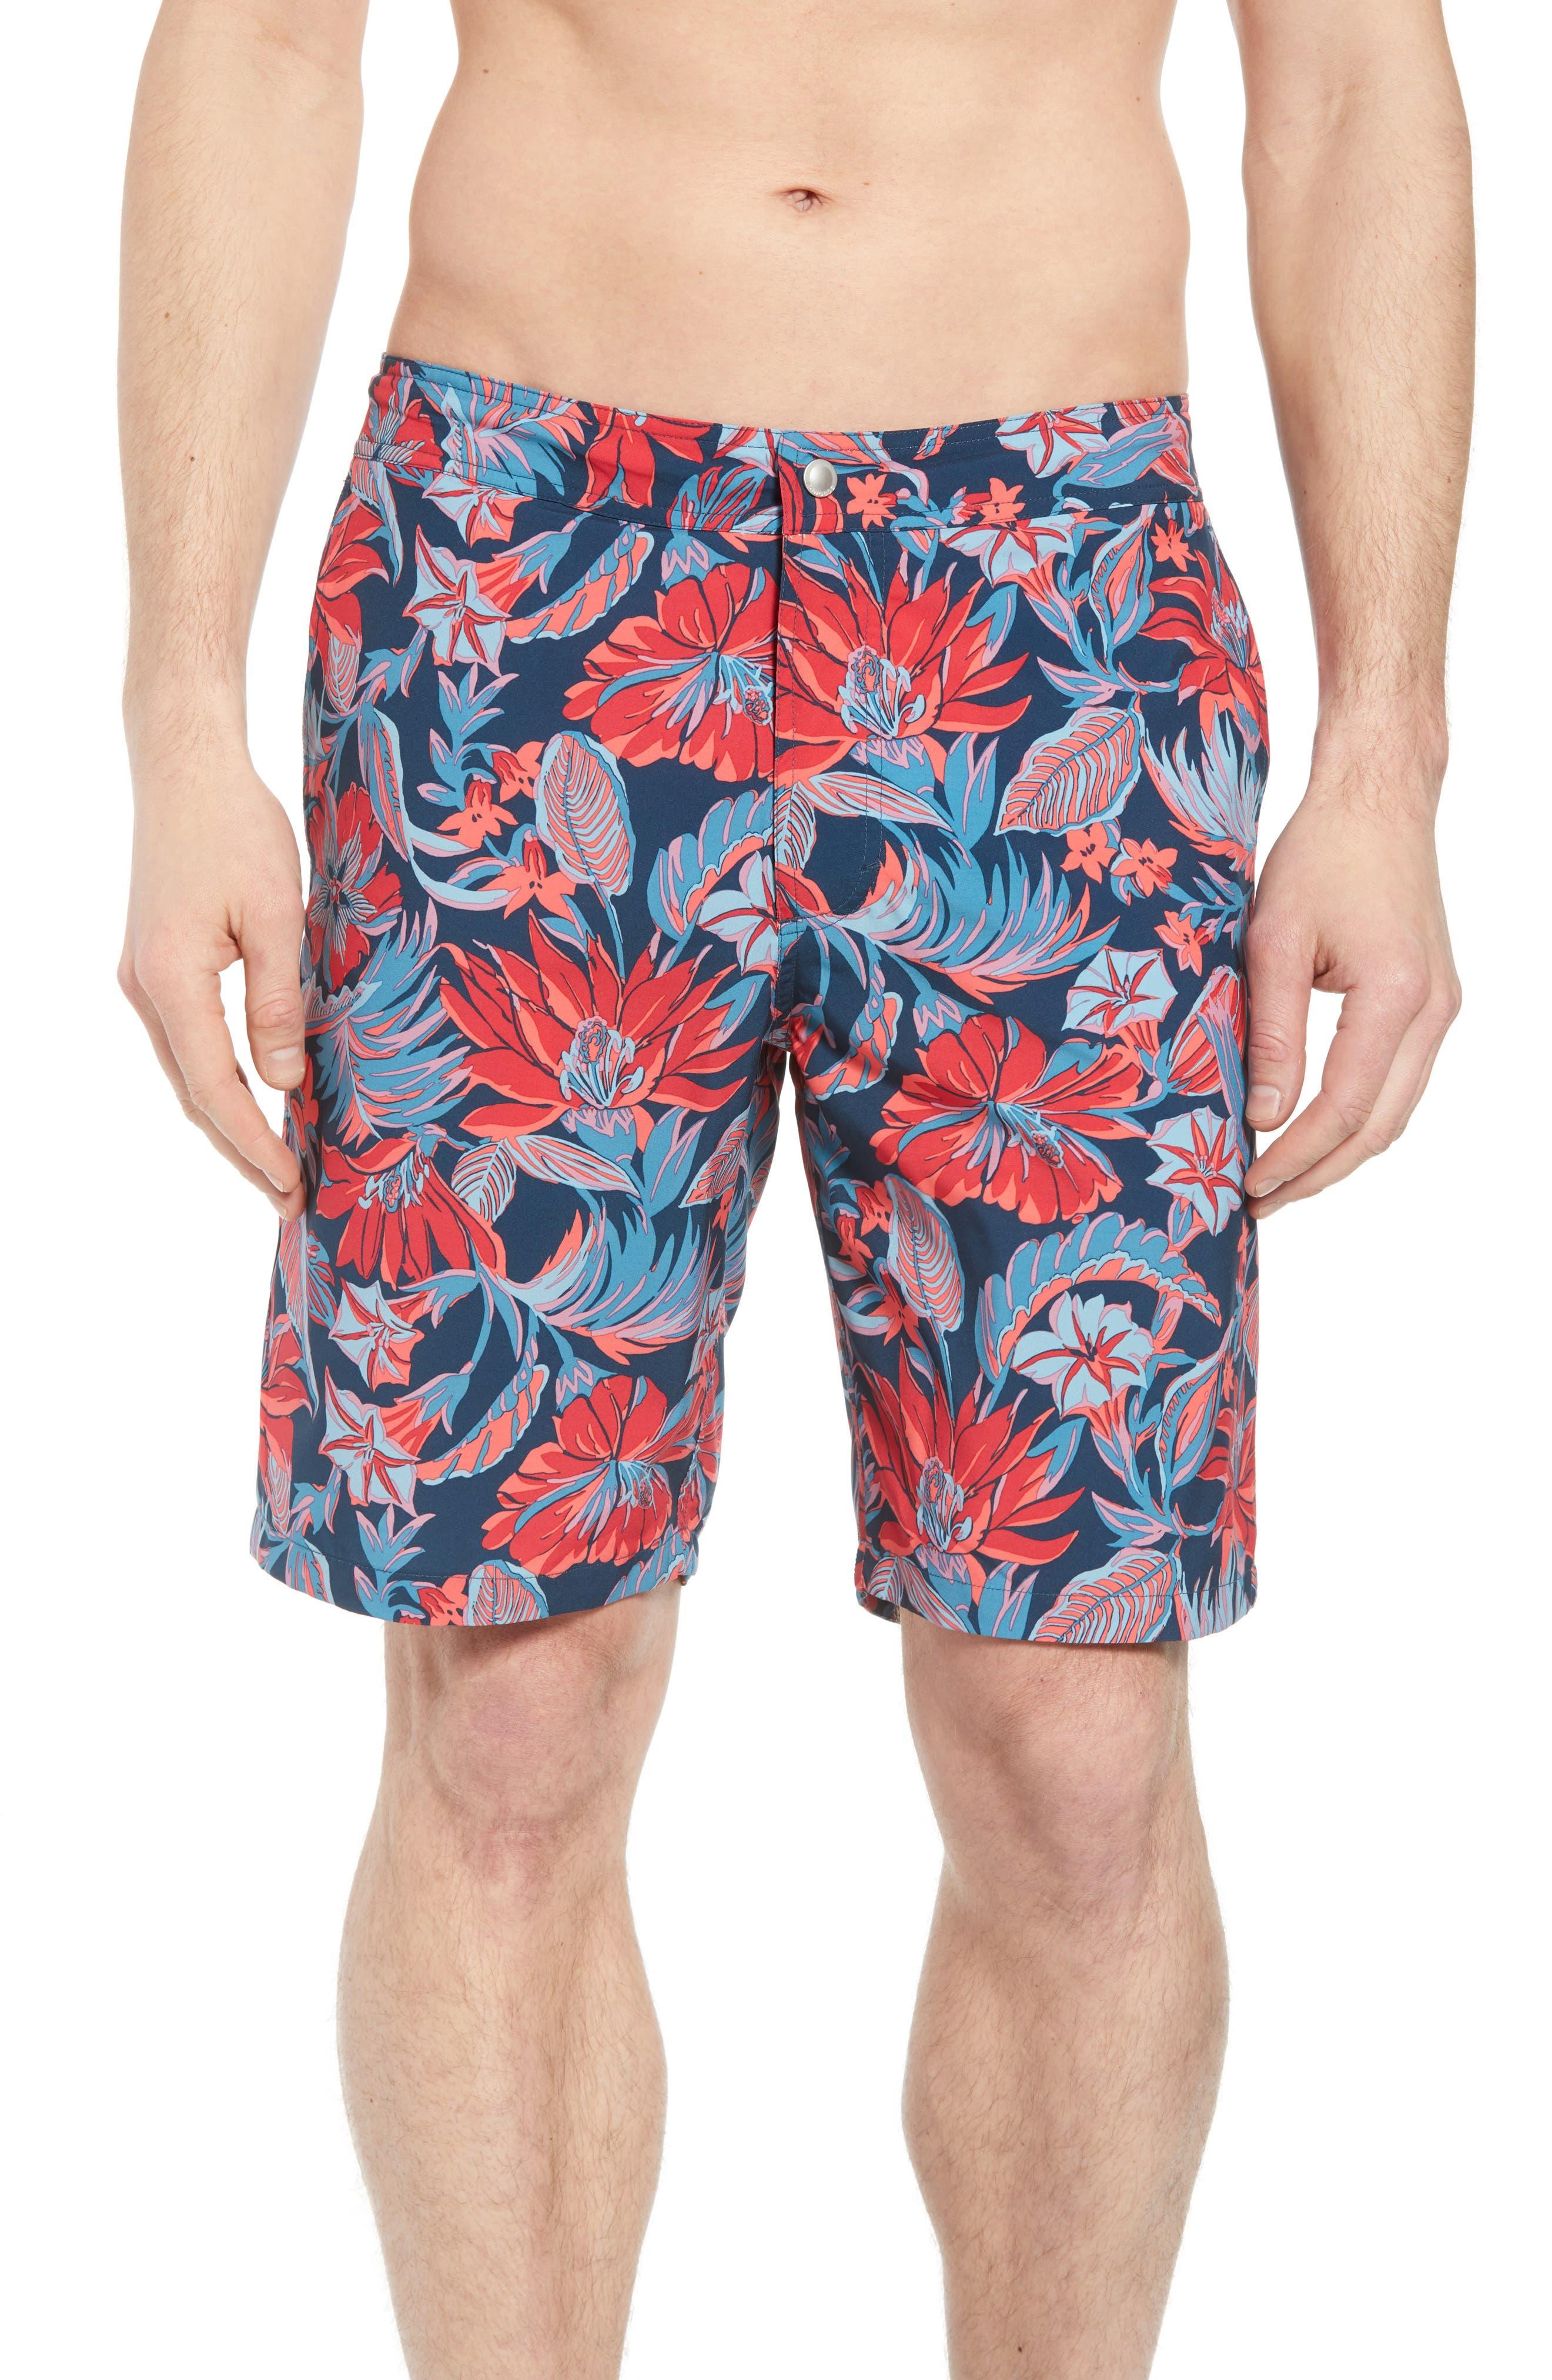 Banzai 9-Inch Swim Trunks,                         Main,                         color, Pavillion Floral Print